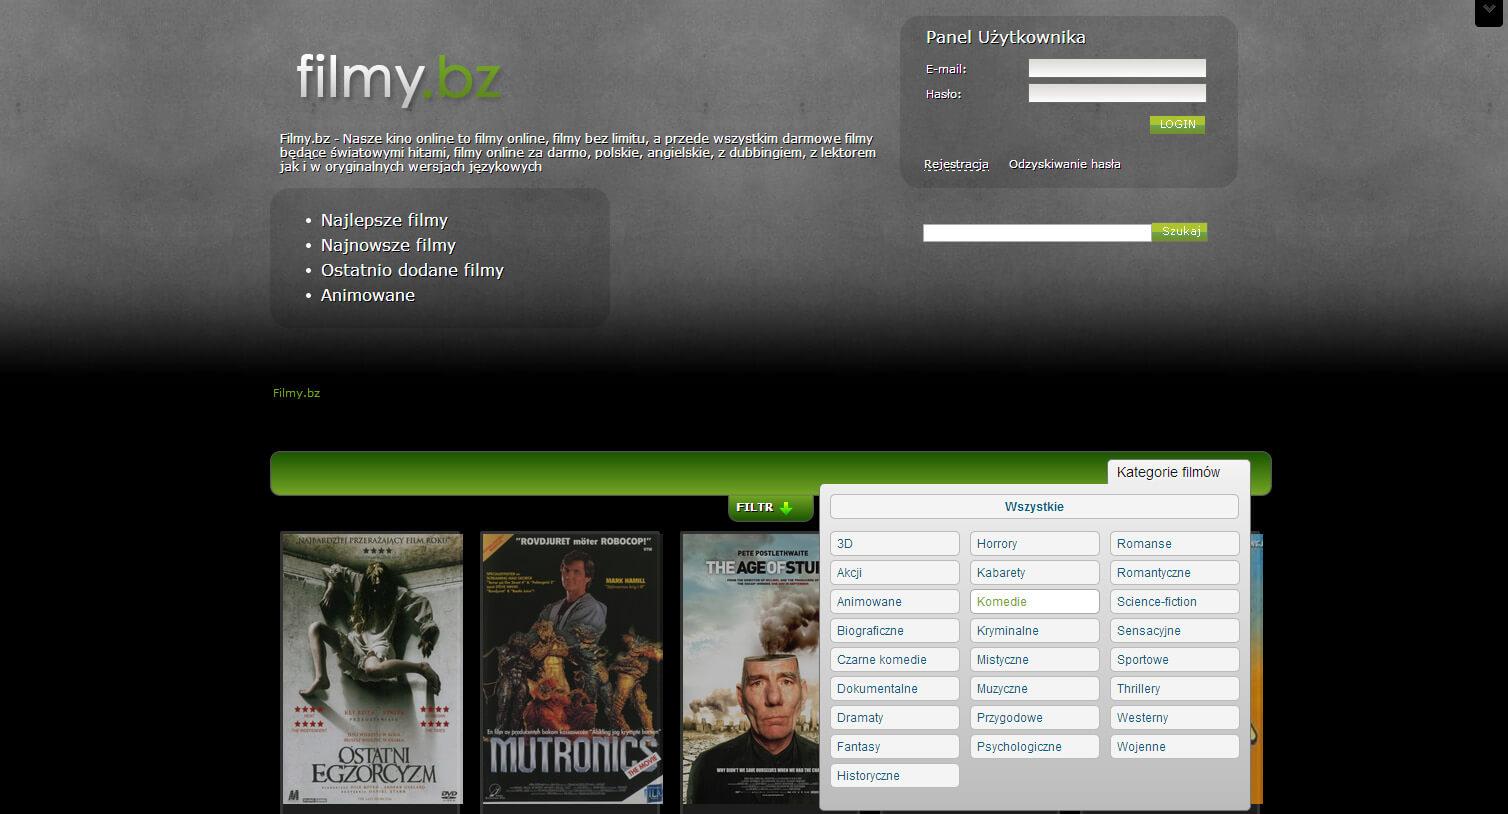 2012-04 Movies portal – filmy.bz